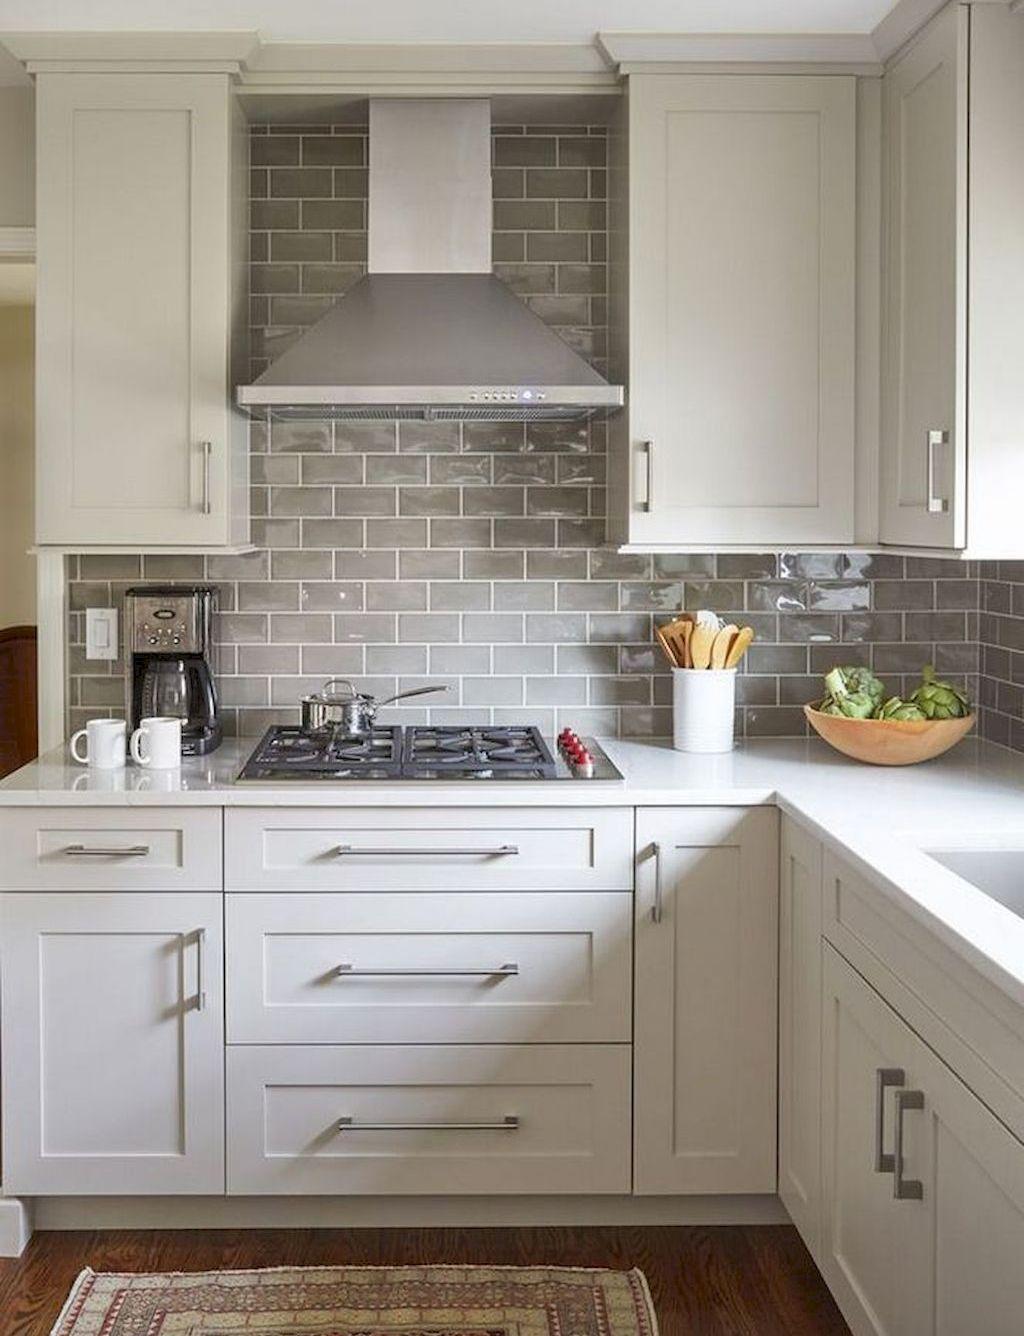 45 Elegant White Kitchen Design Ideas in 2020 Kitchen